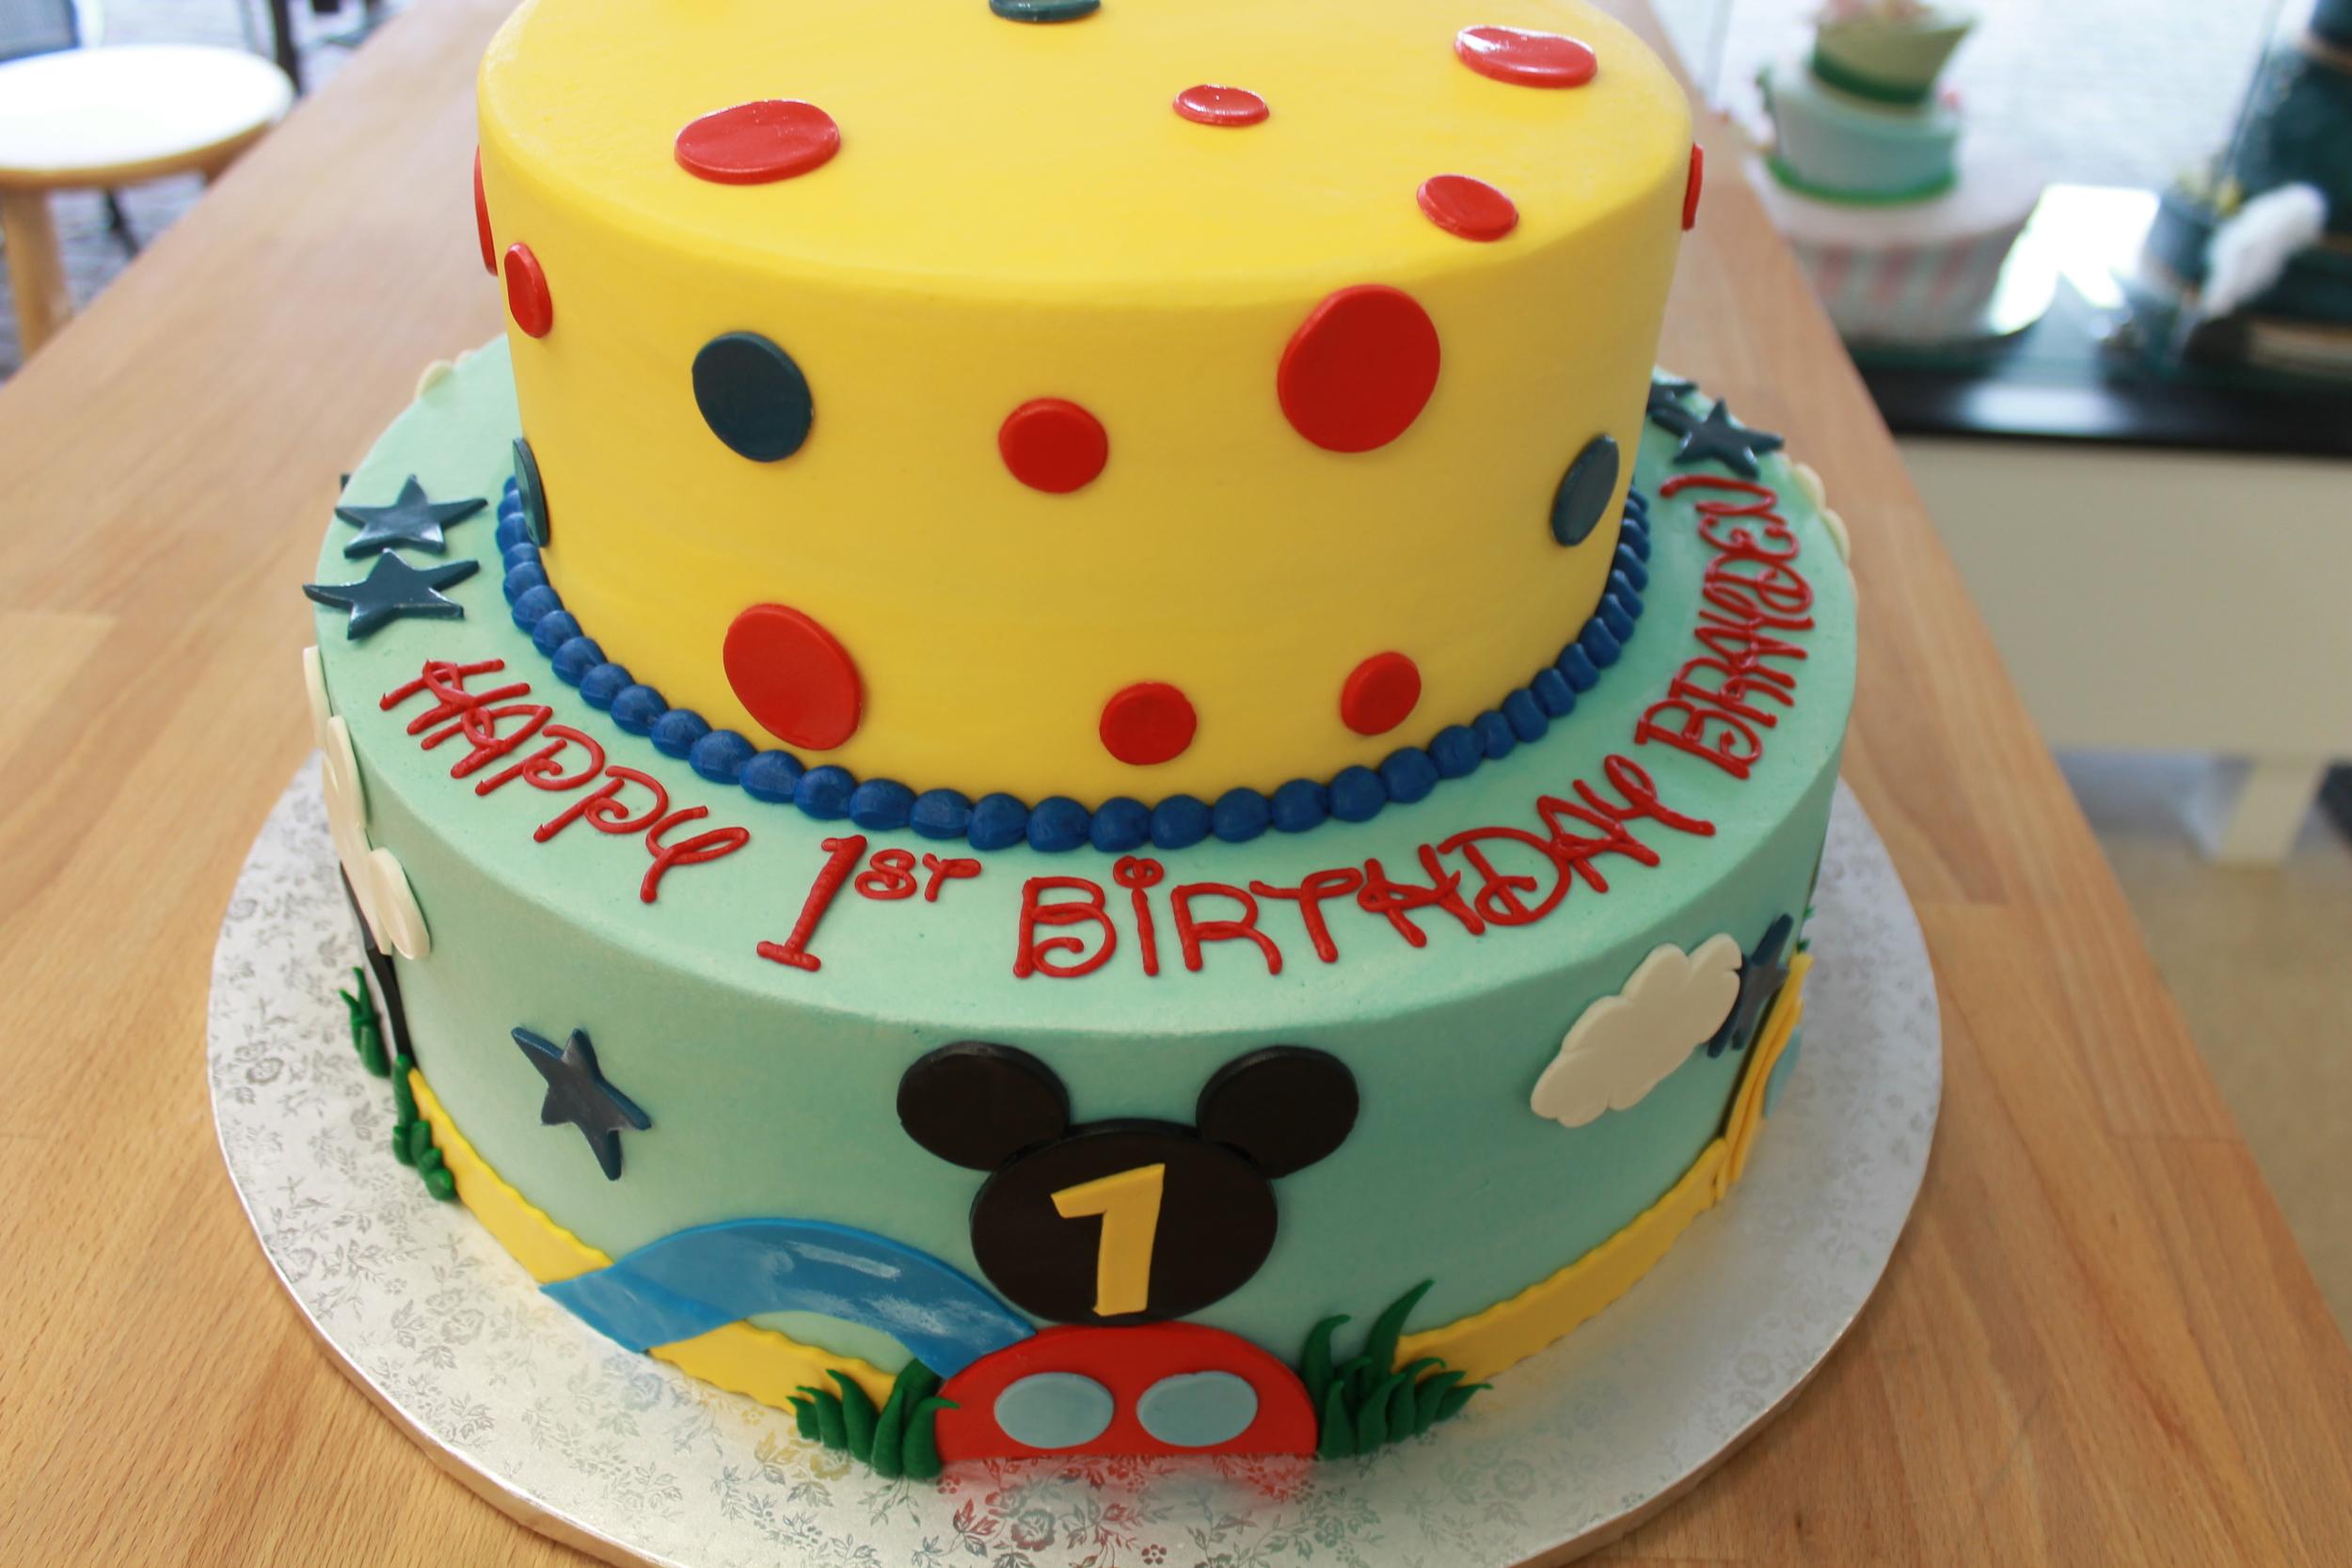 Playhouse Birthday Cake